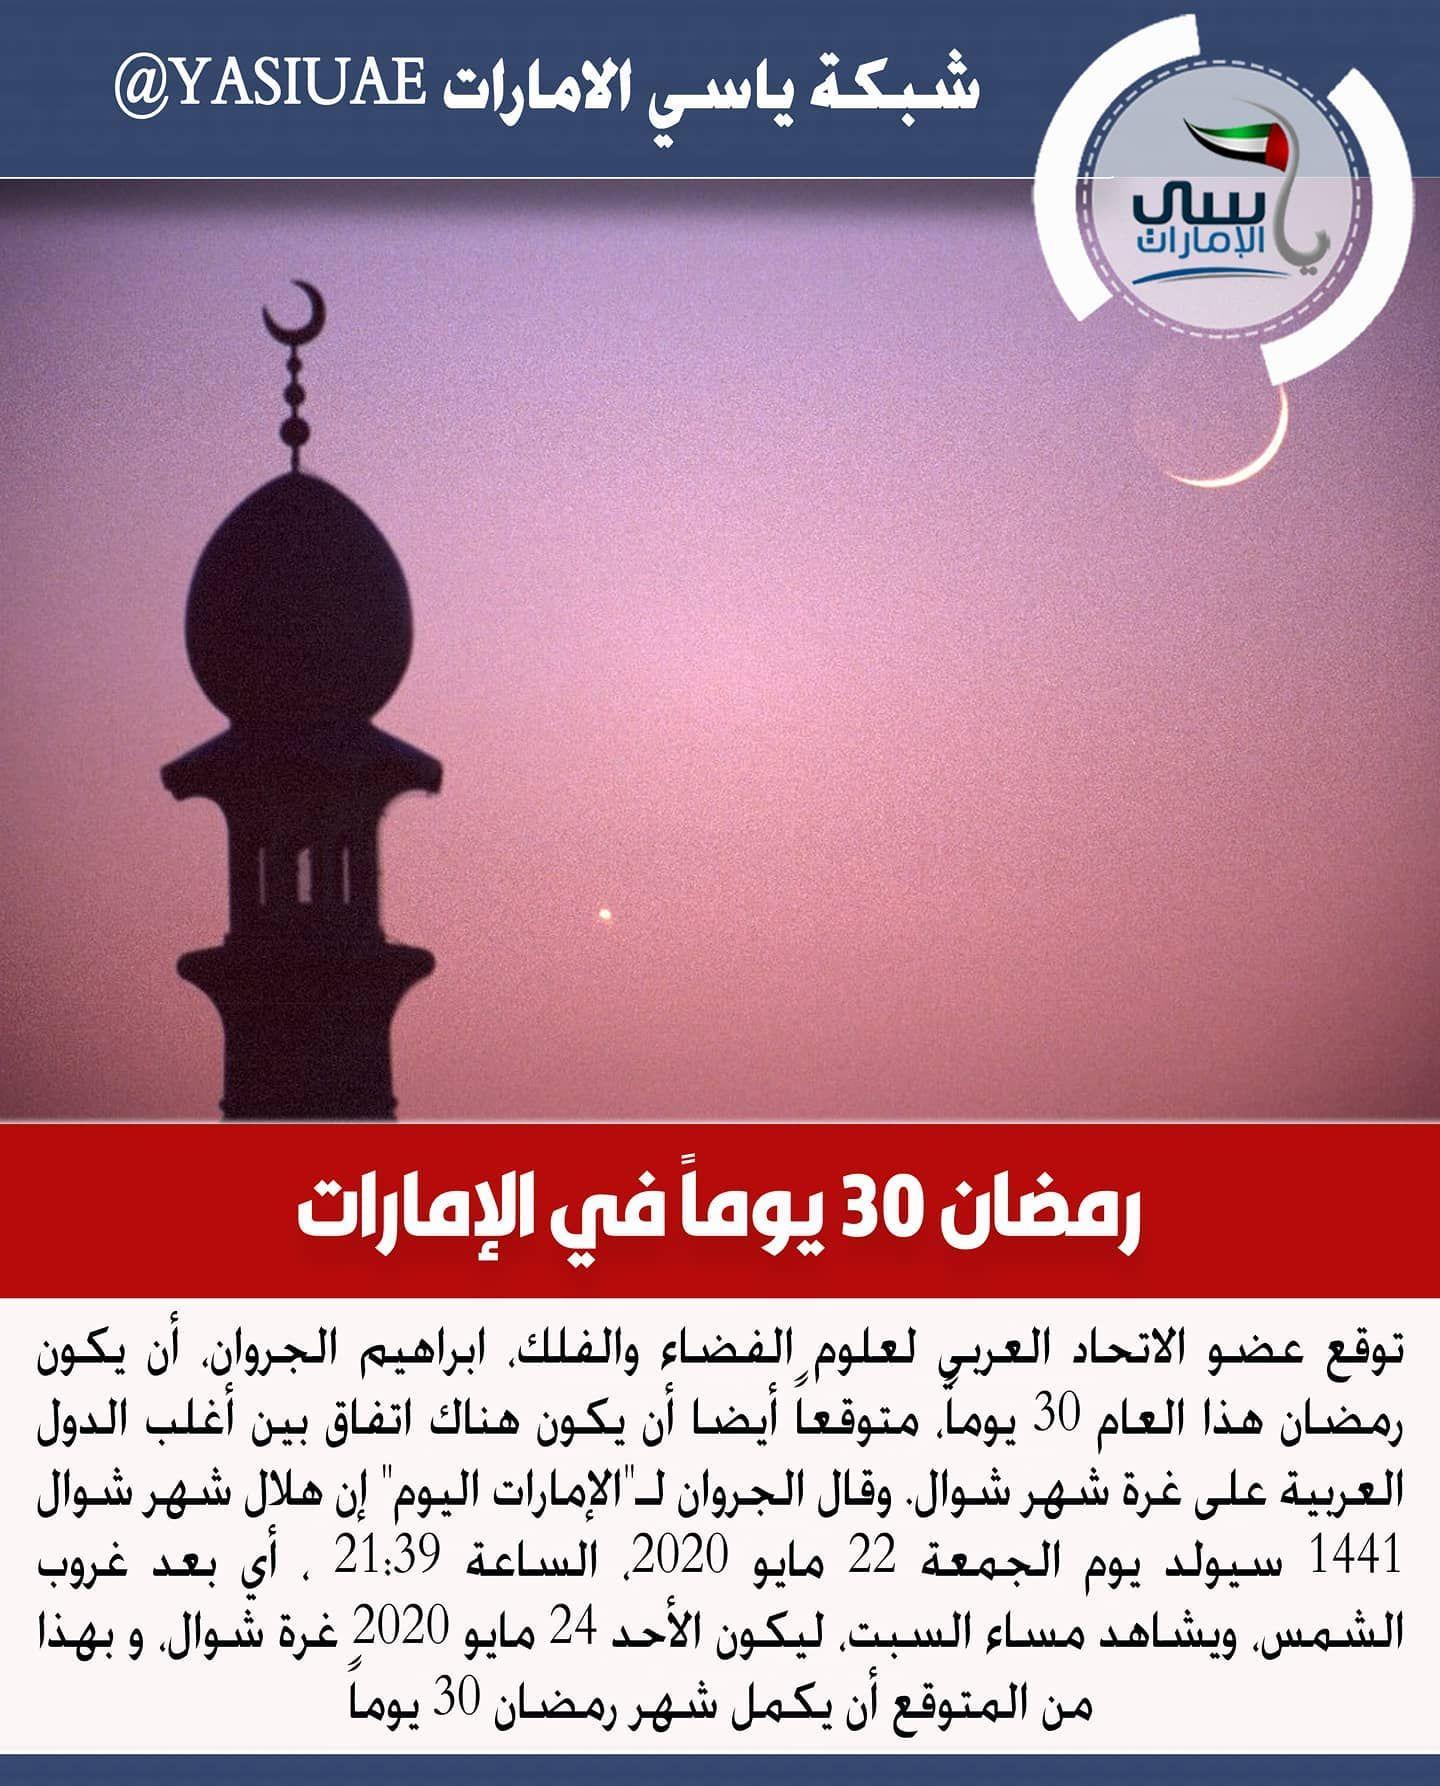 رمضان 30 يوما في الإمارات Www Yasiuae Net ياسي الامارات شبكة ياسي الامارات شبكة ياسي الامارات الاخبارية شهر رمضان Movie Posters